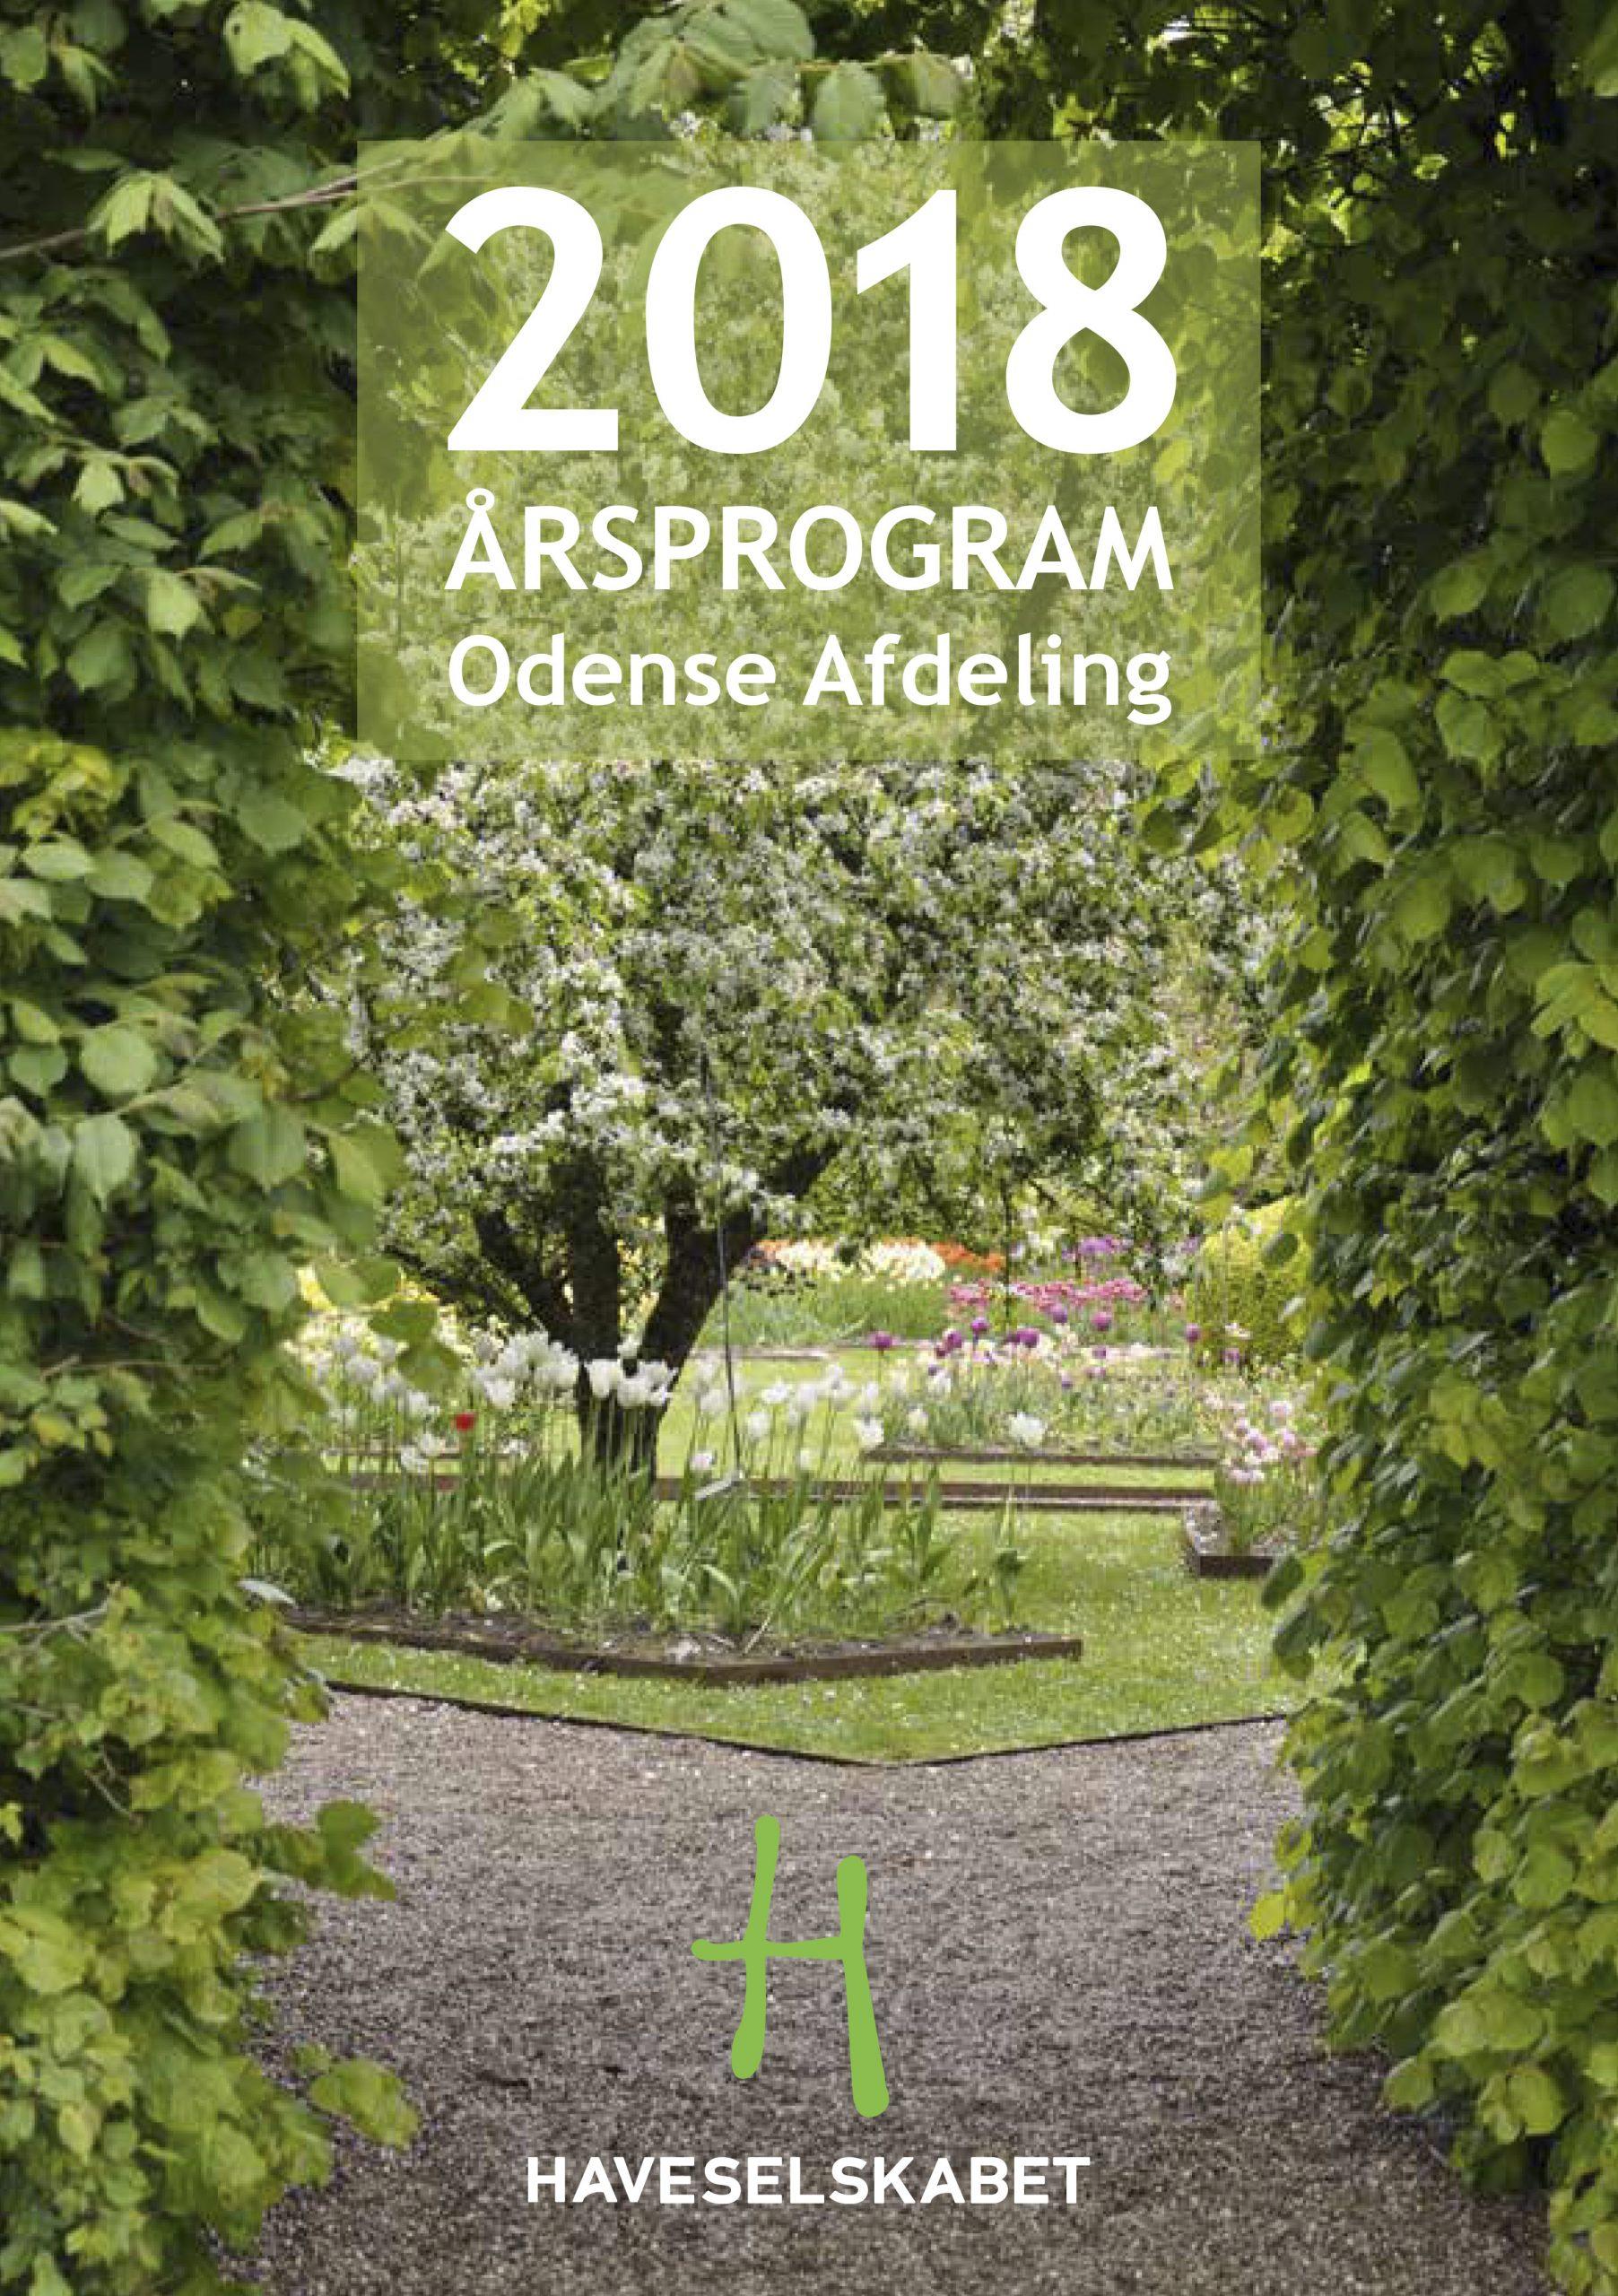 Dansk Haveselskab Årsprogram 2018_godkendelse-1 billede